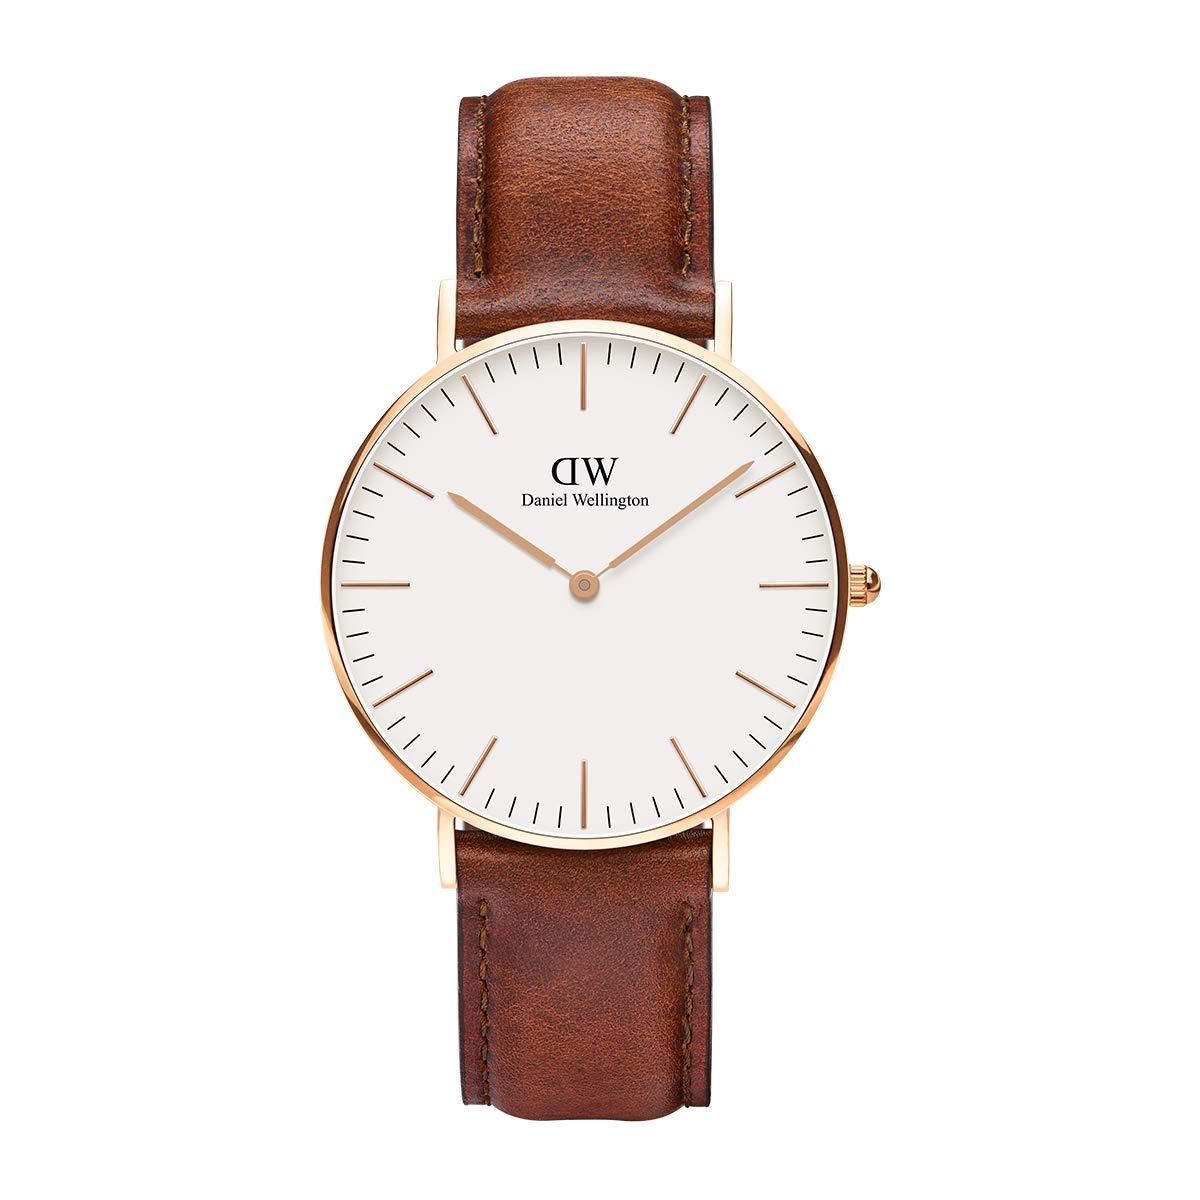 Daniel Wellington Trenduhren  Classic St Mawes, Braun/Roségold Uhr, 36mm, Leder, für Damen und Herren